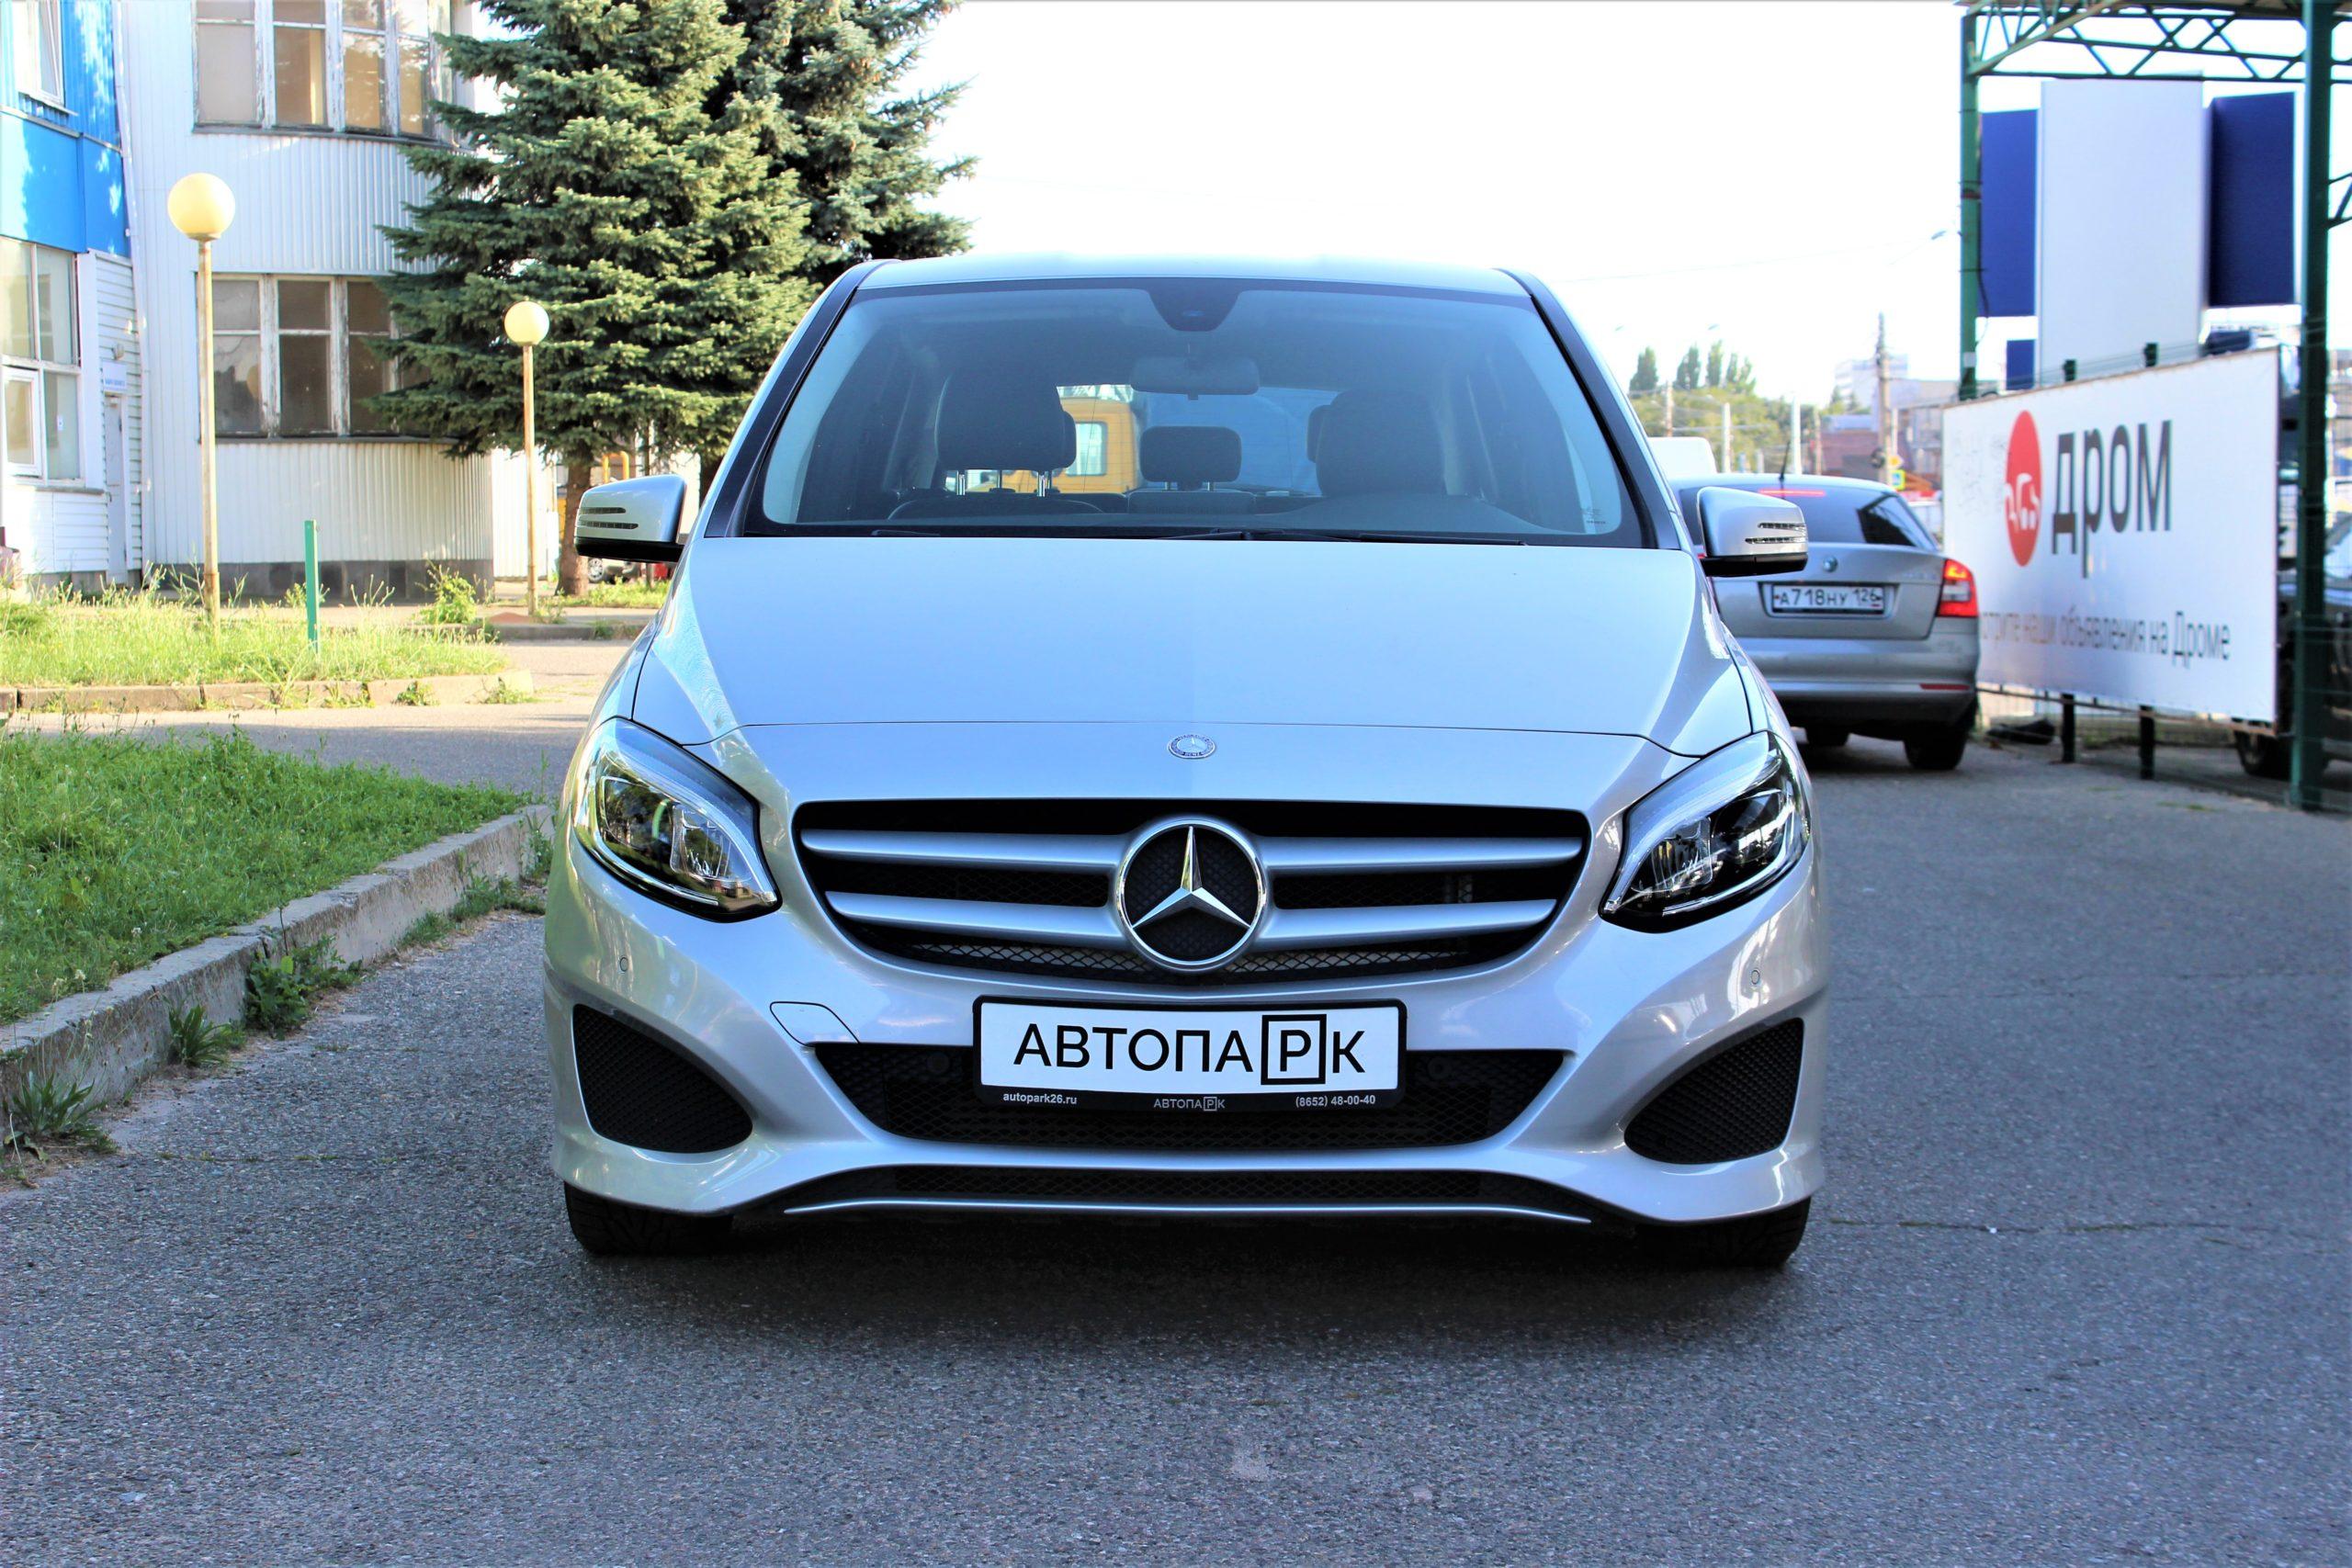 Купить Mercedes-Benz B-класс (Серебристый ) - Автопарк Ставрополь